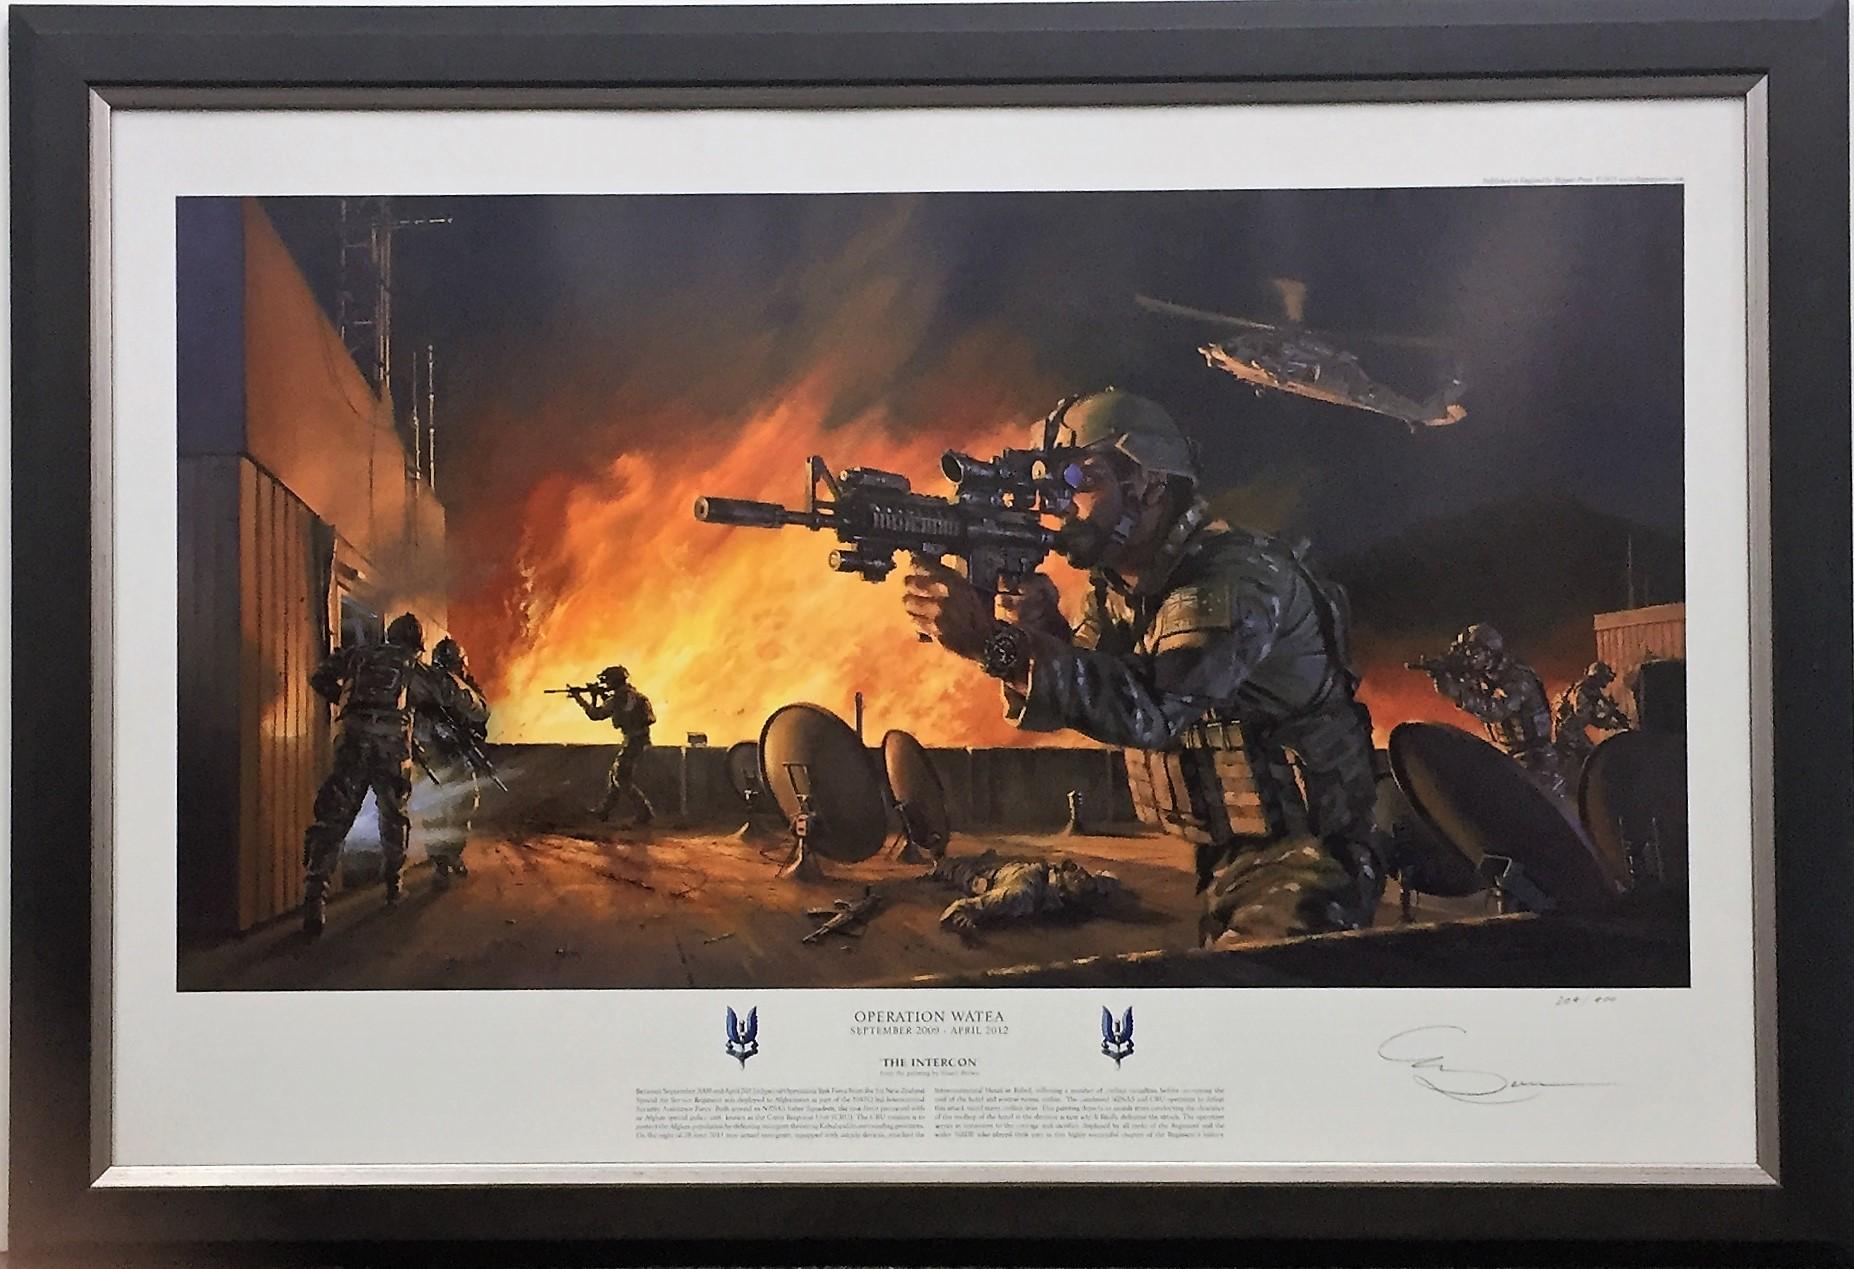 Ltd Edtion framed print